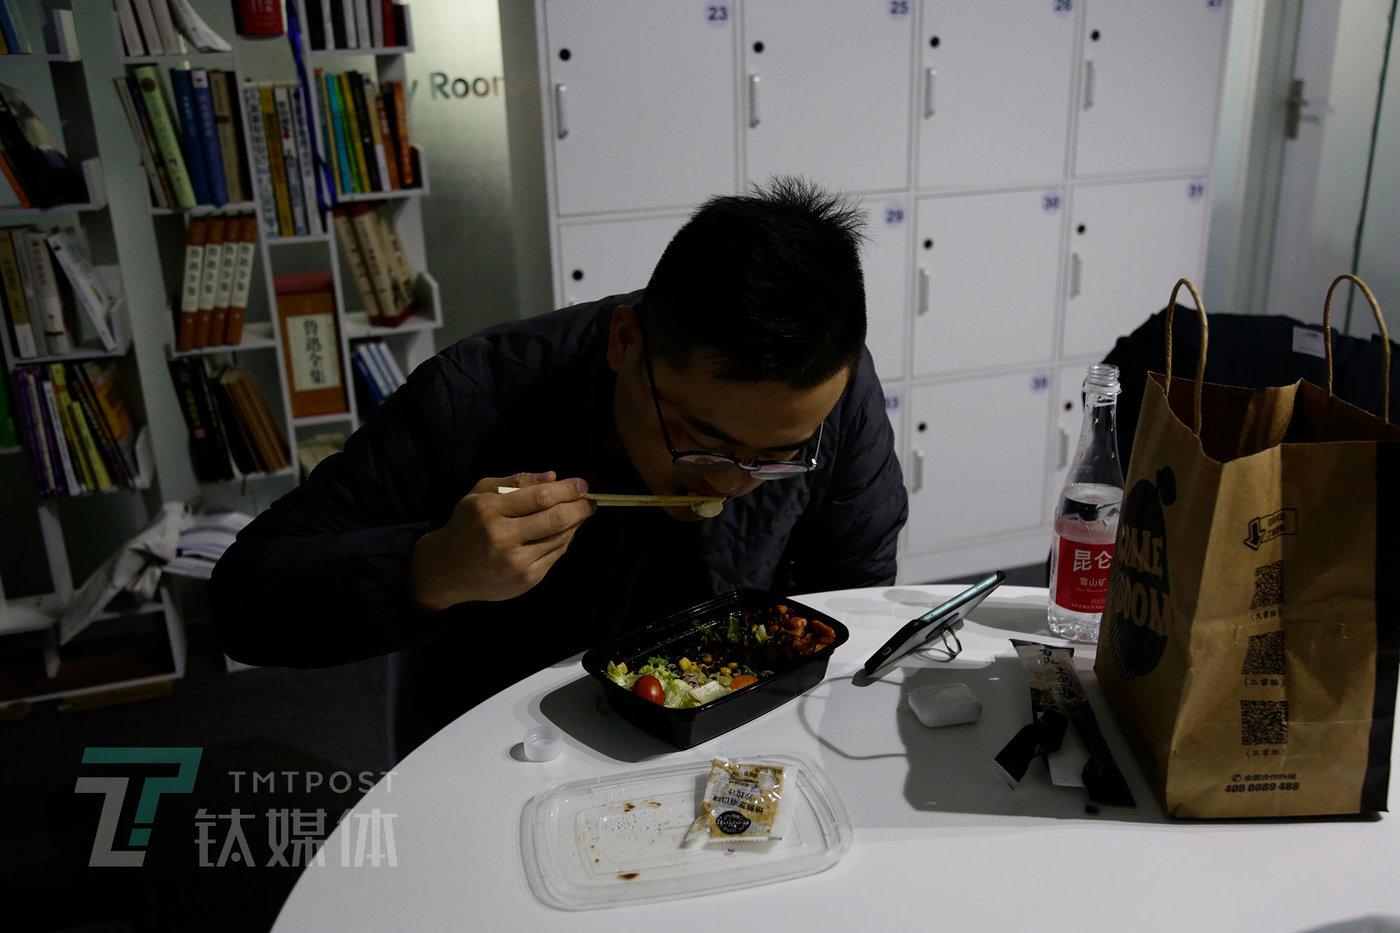 11月20日14点11分,时分自习室公共餐桌,风火在吃午饭。